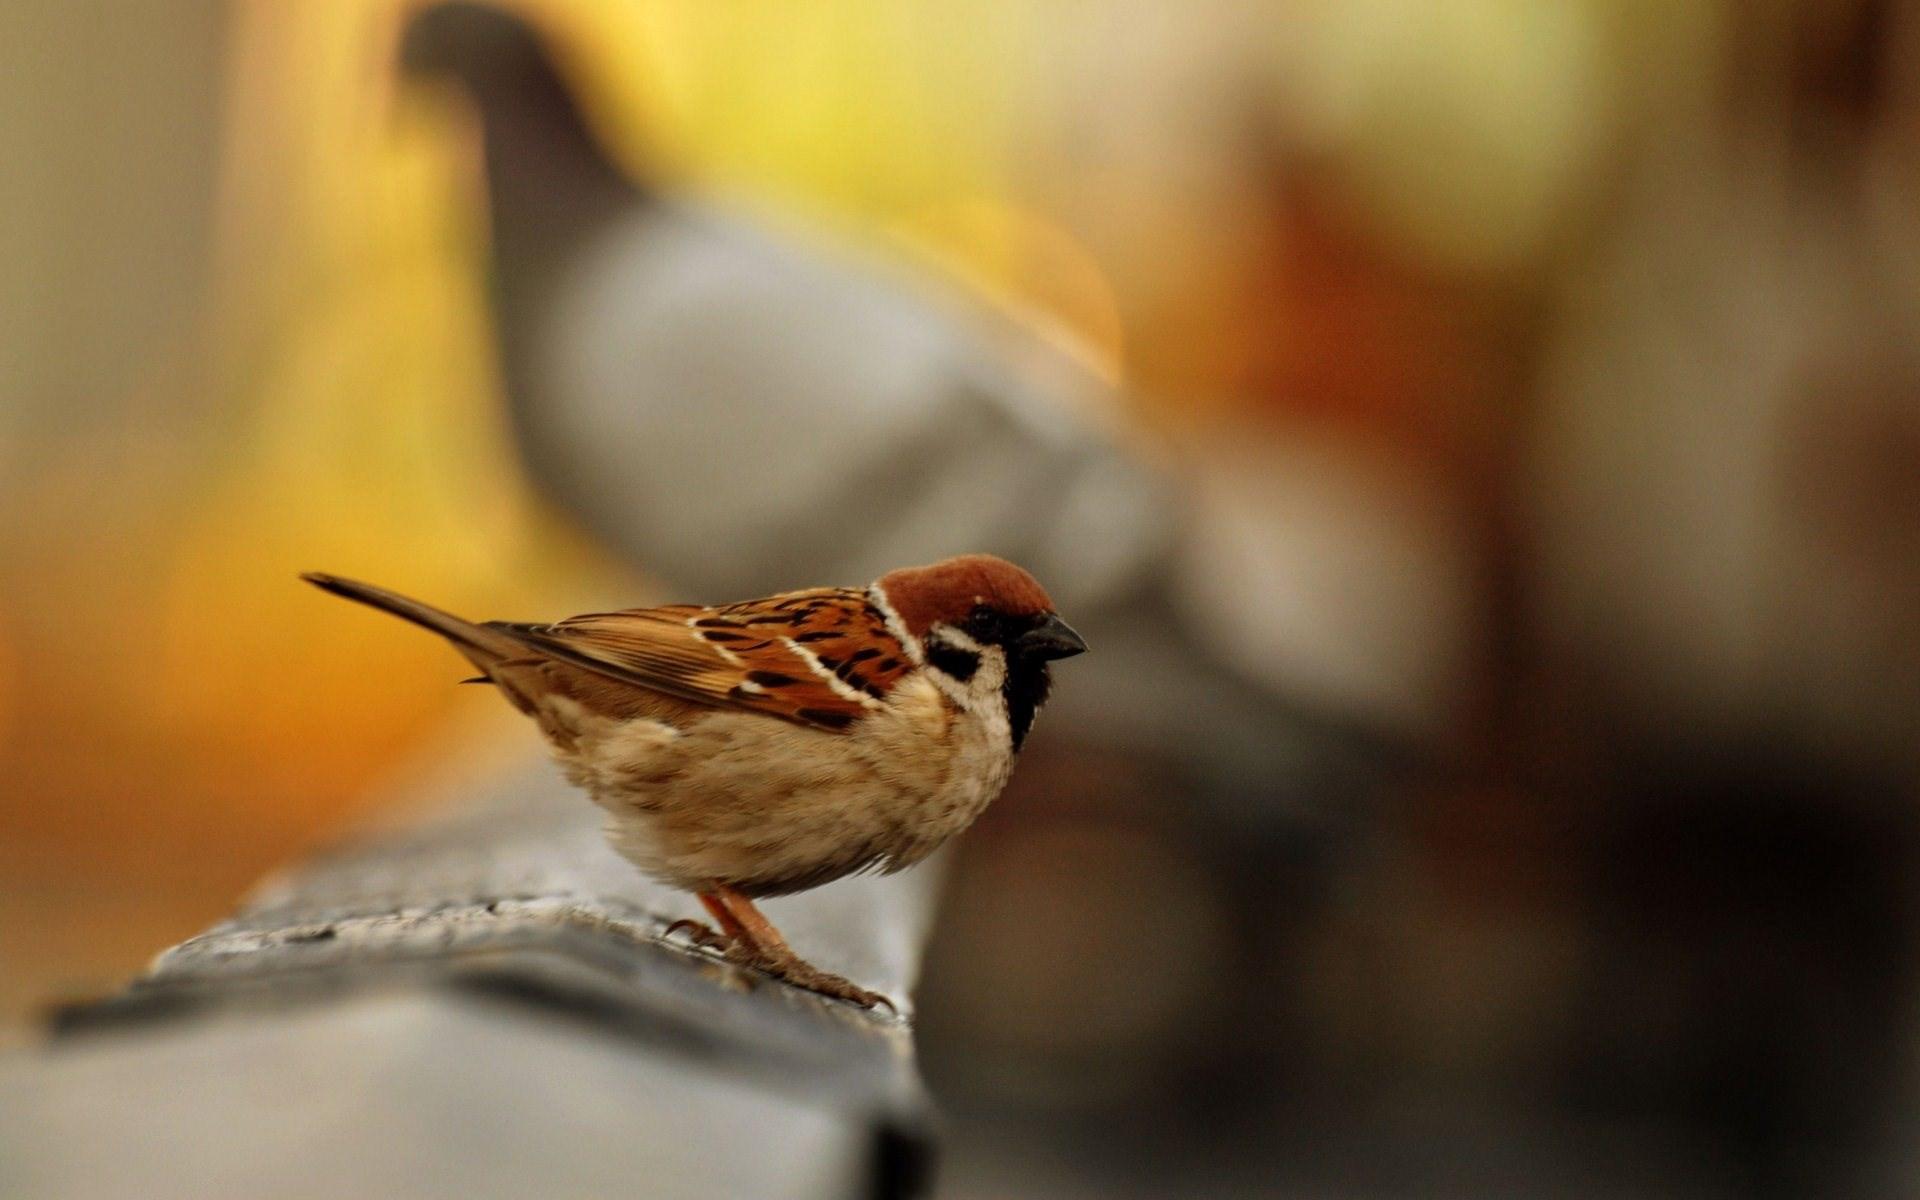 Sparrow Images - HD Desktop Wallpapers